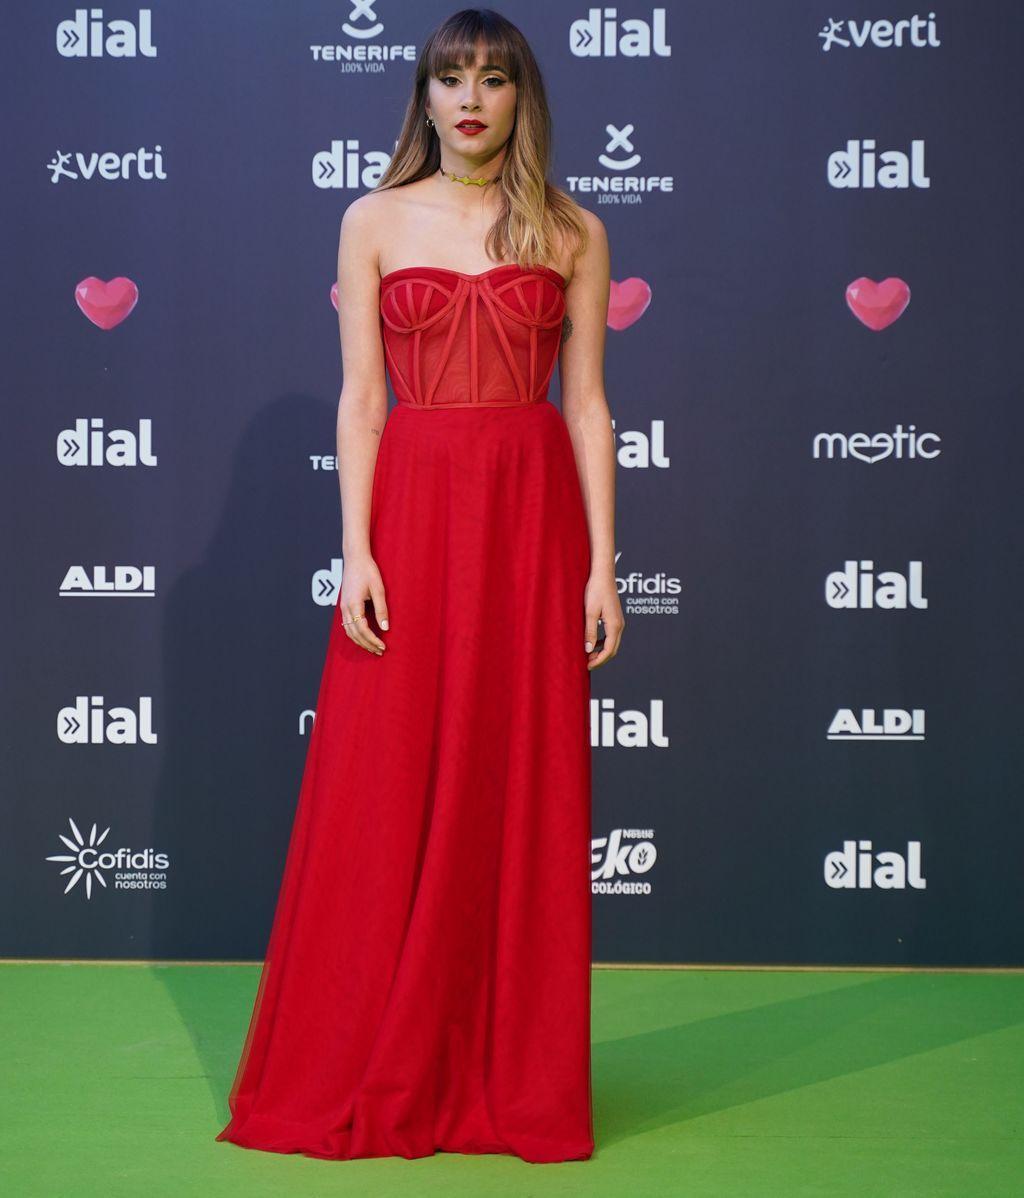 Aitana con un vestido rojo de cuerpo corsé